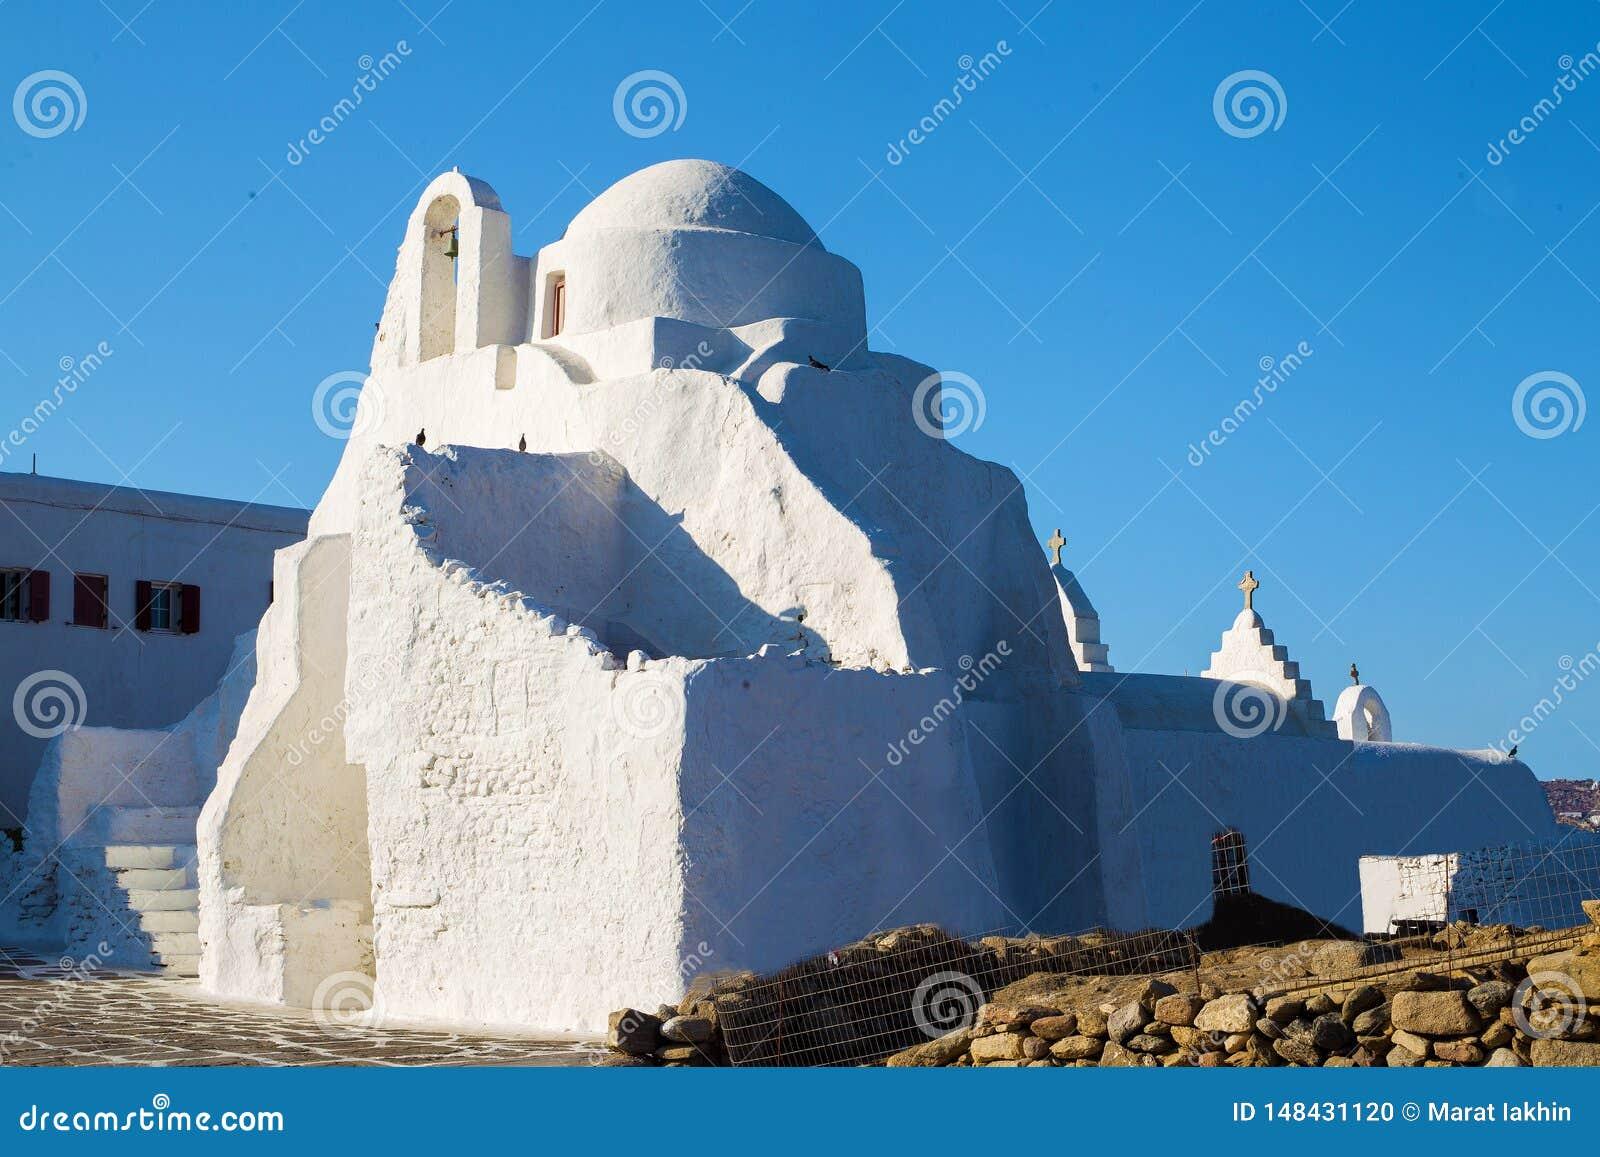 Mały kościół chrześcijański na greckiej wyspie